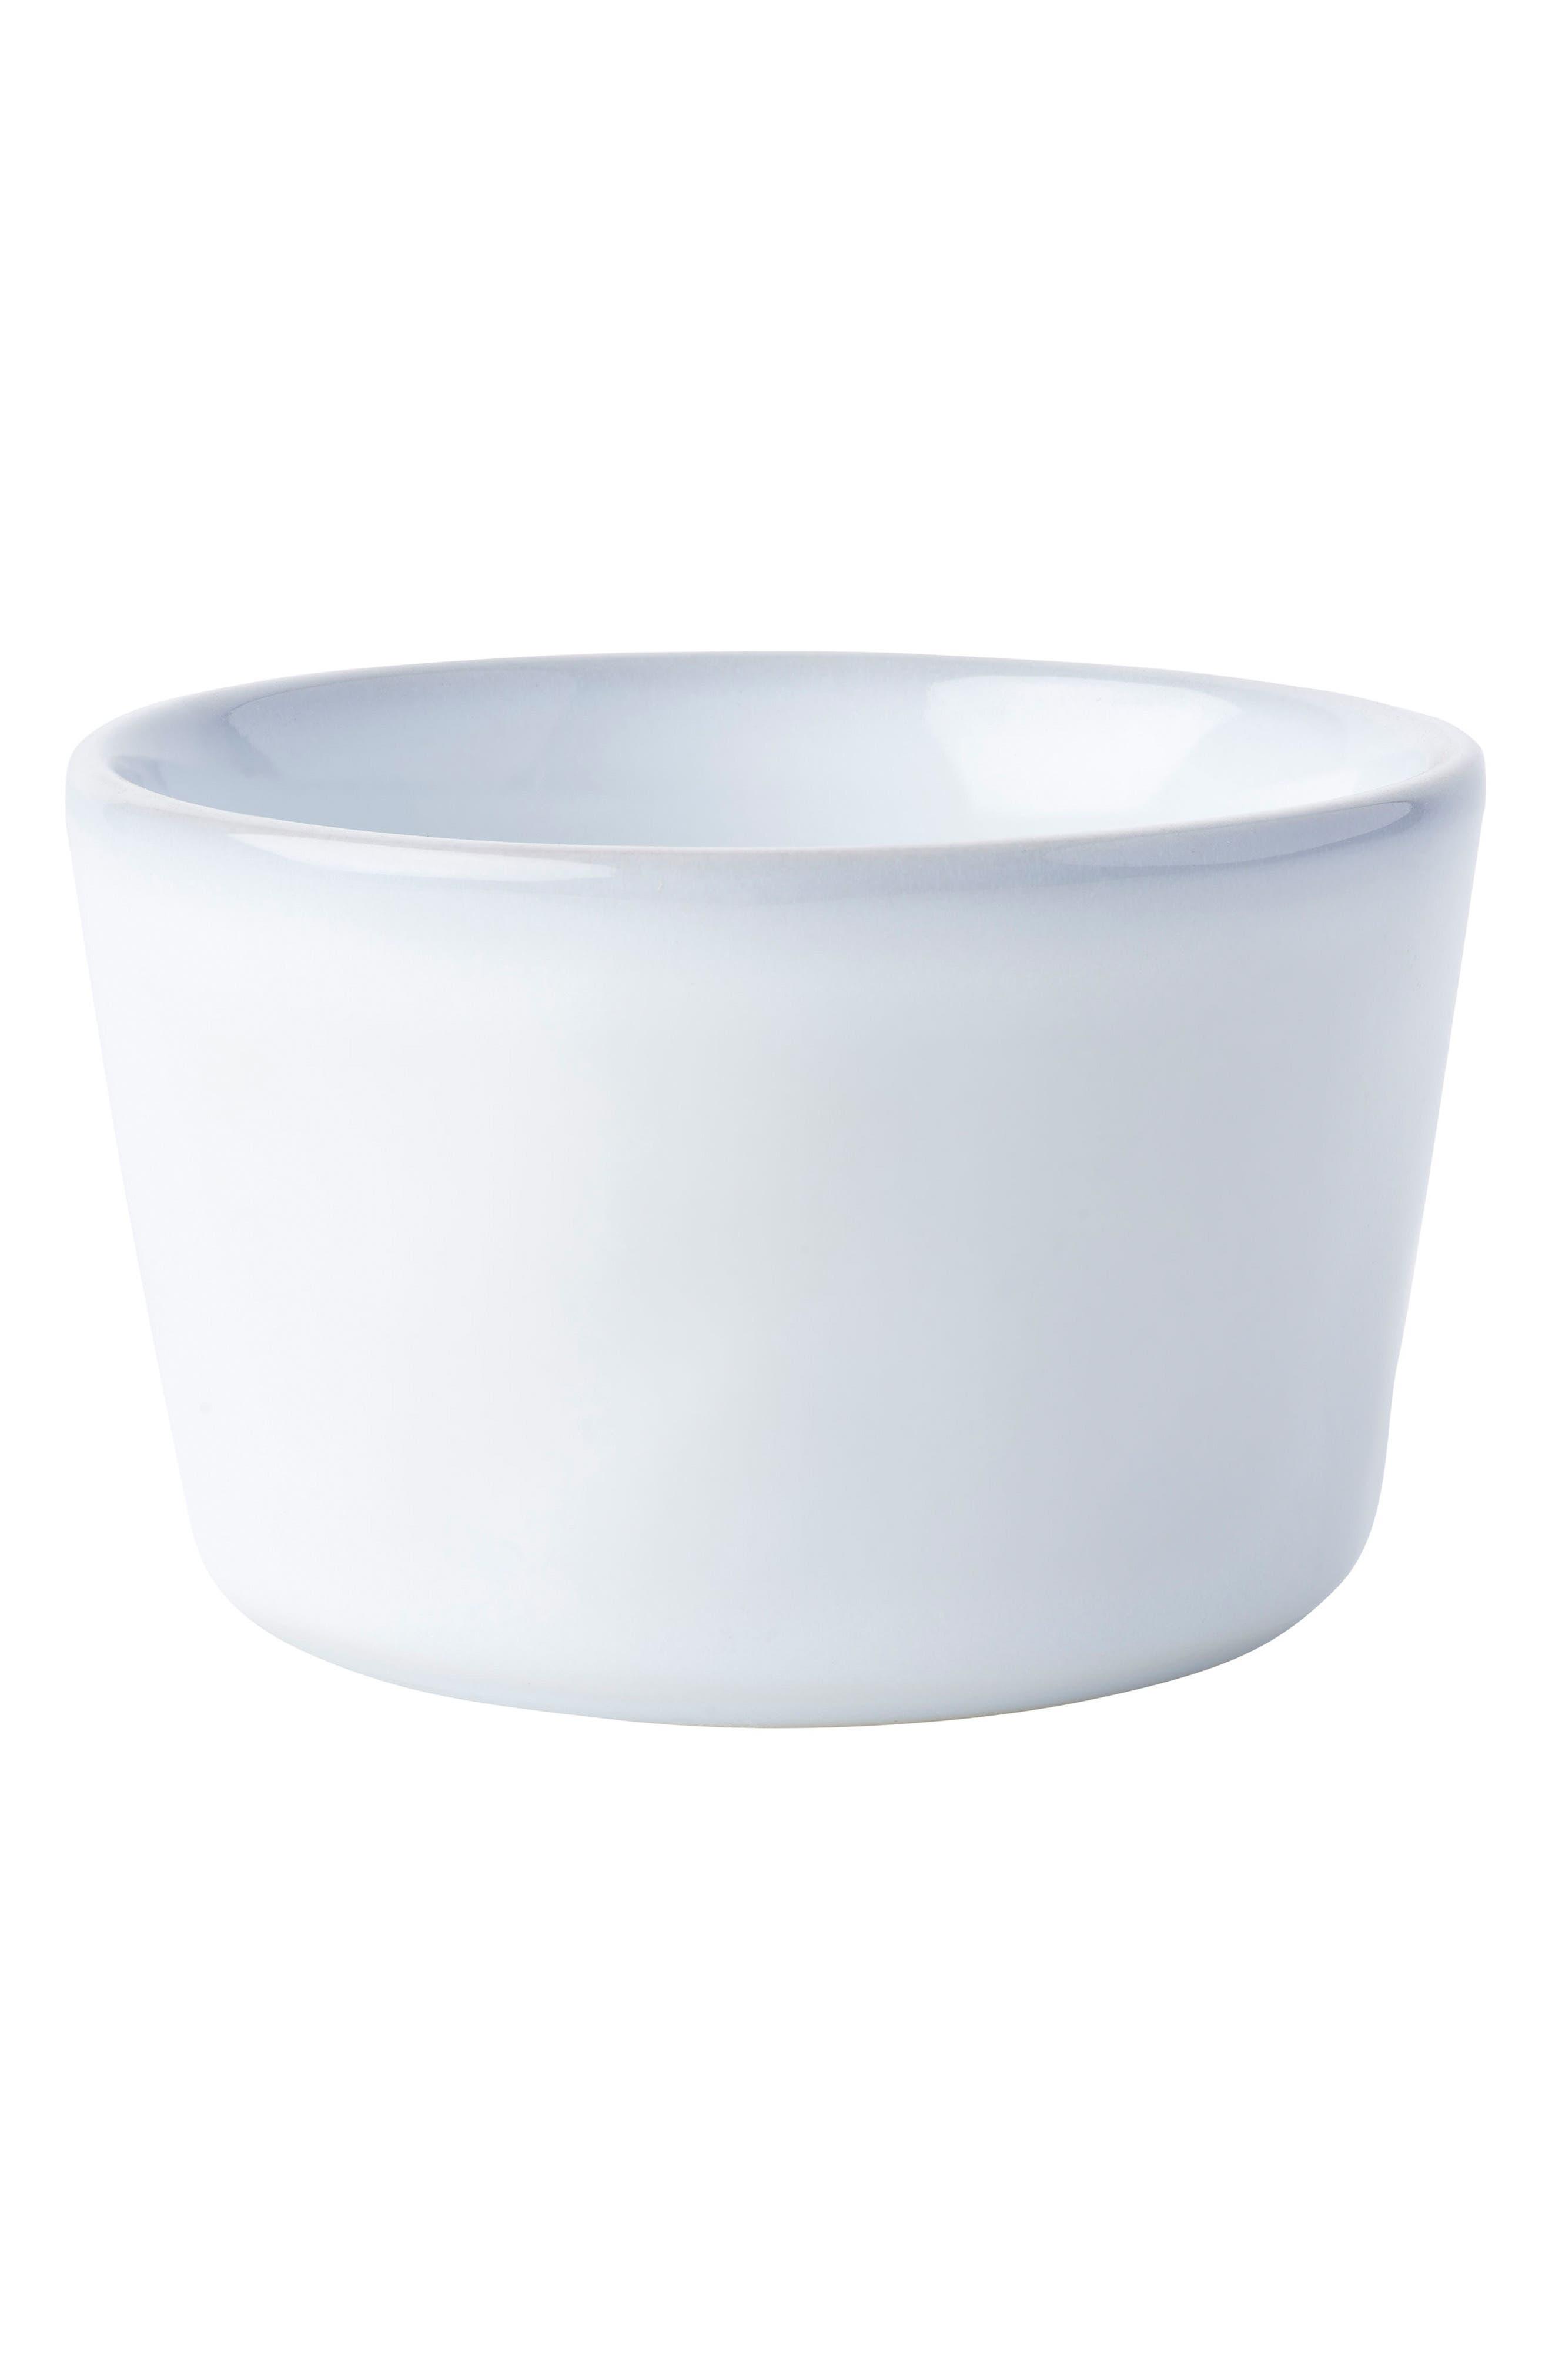 Juliska Quotidien White Truffle Ceramic Ramekin